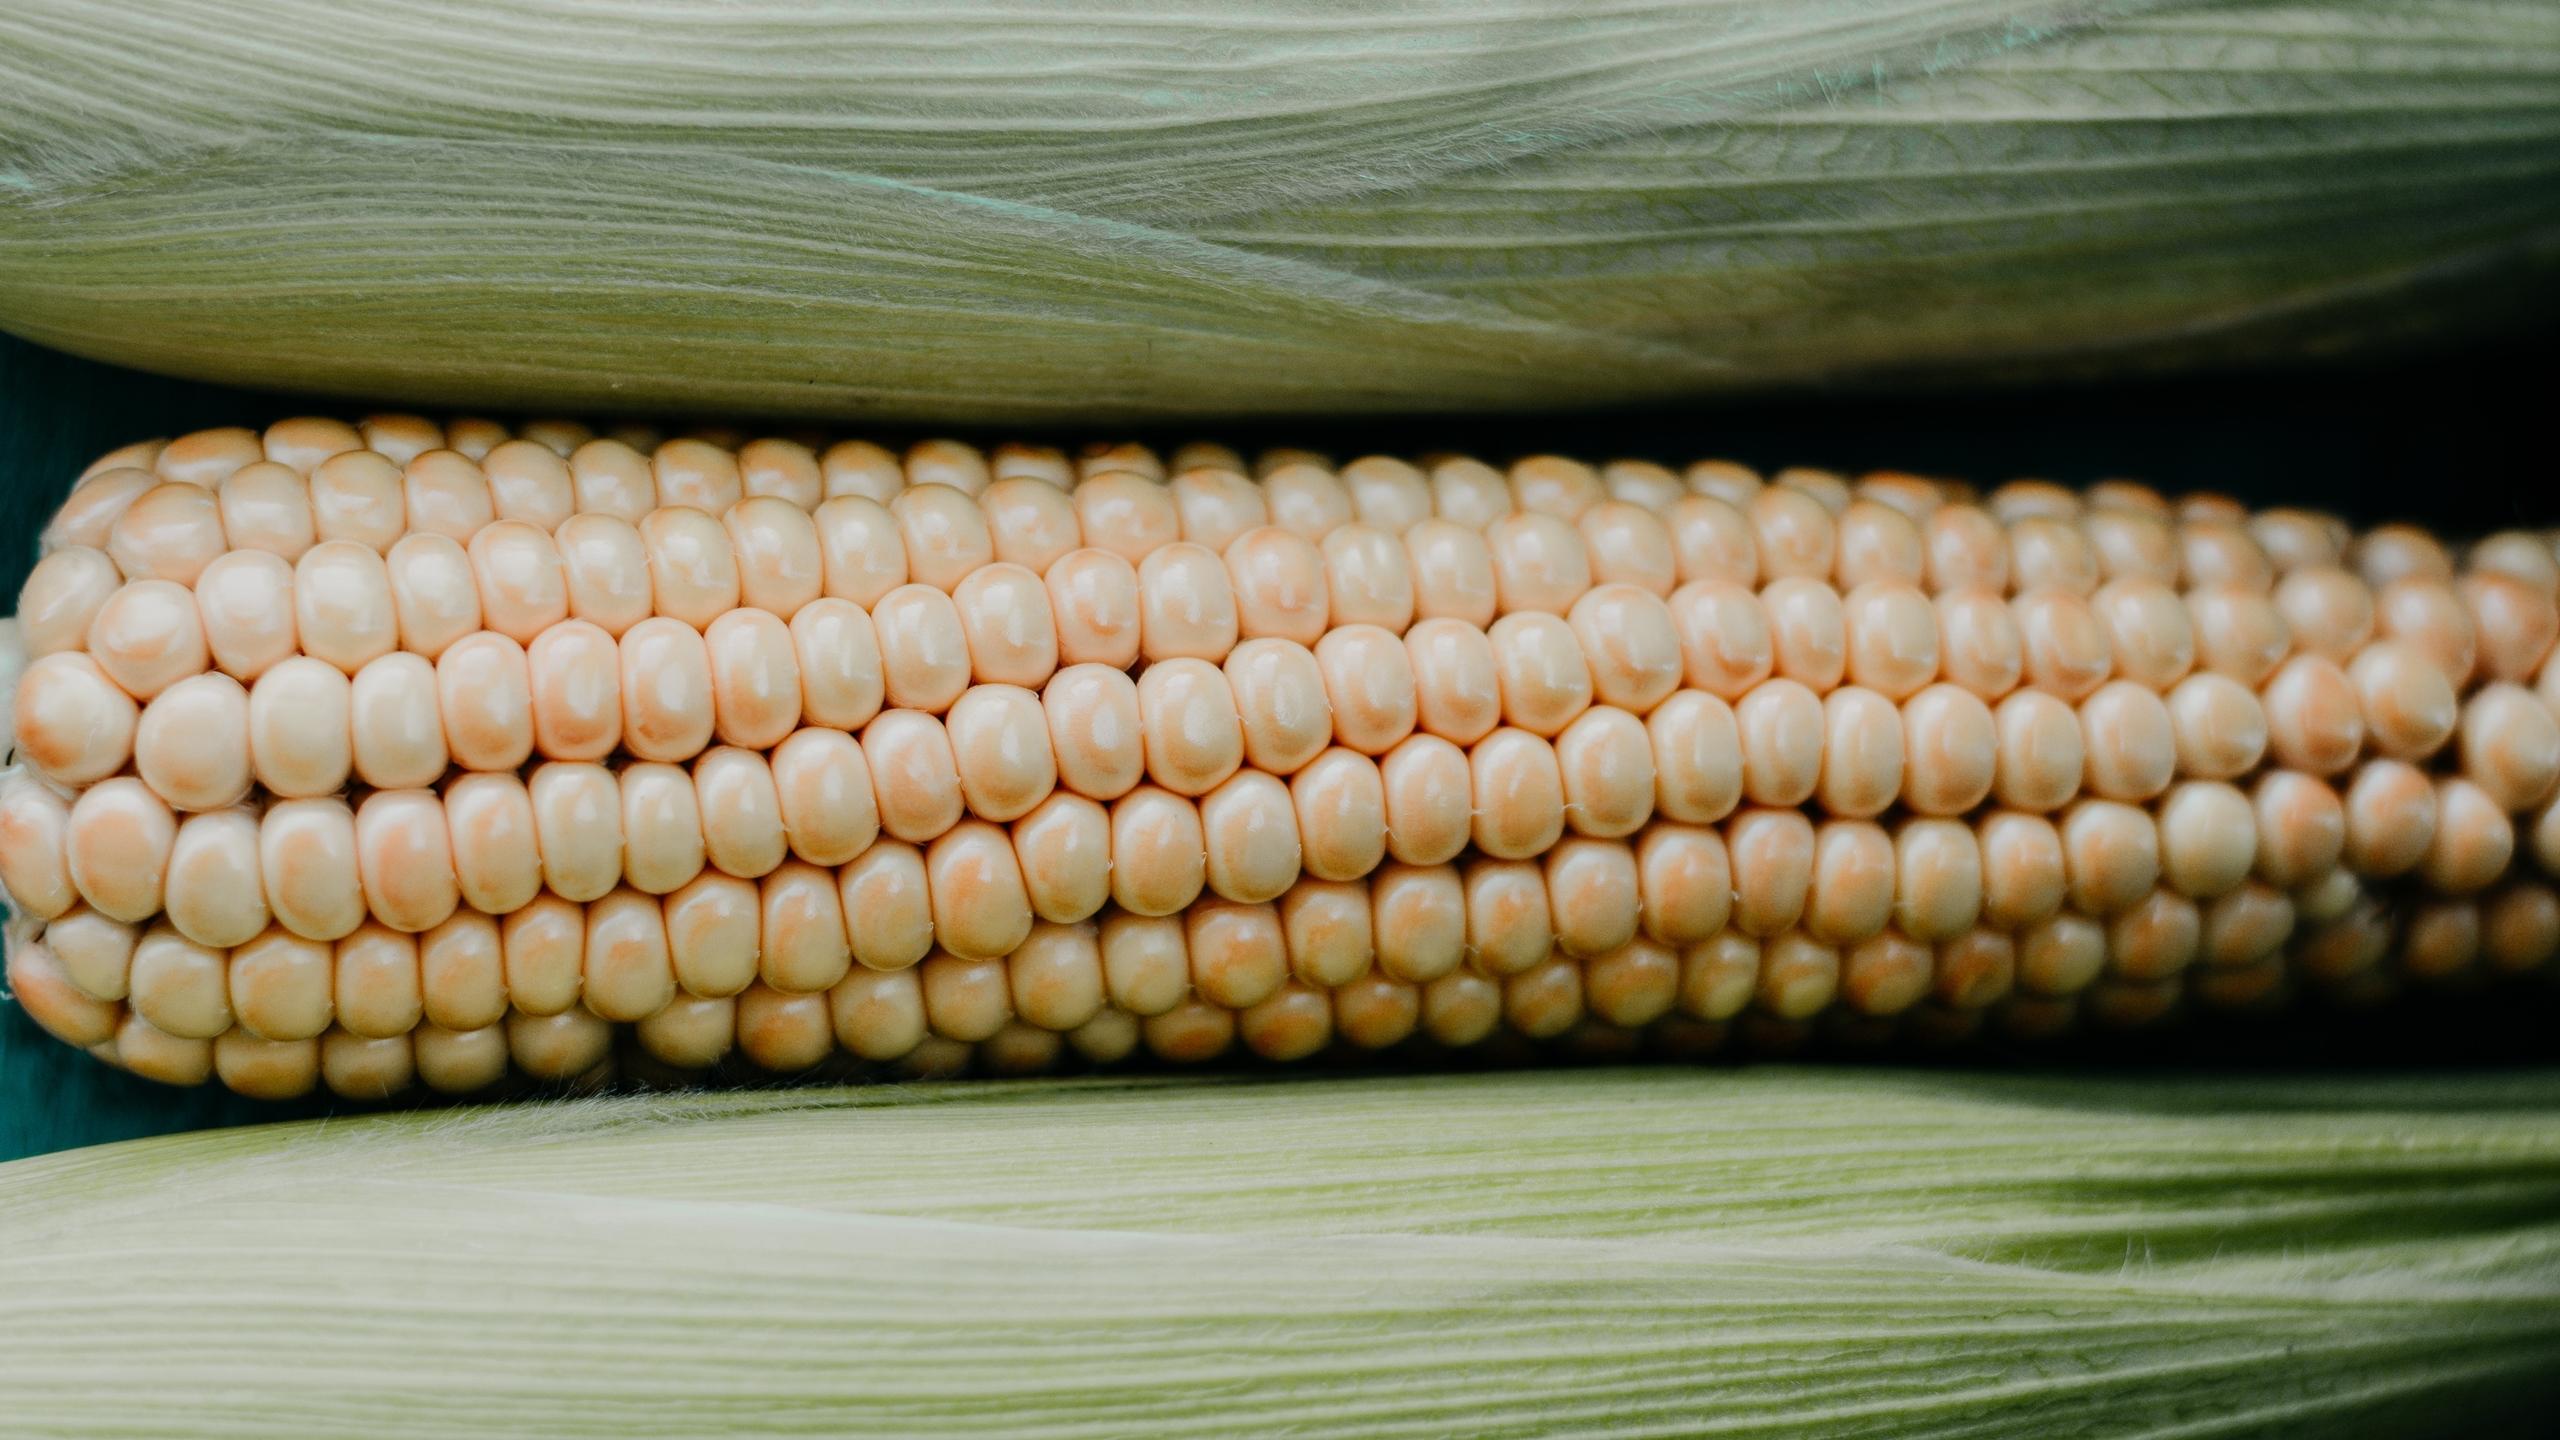 Análisis de harina de Maseca halla maíz transgénico y el herbicida glifosato